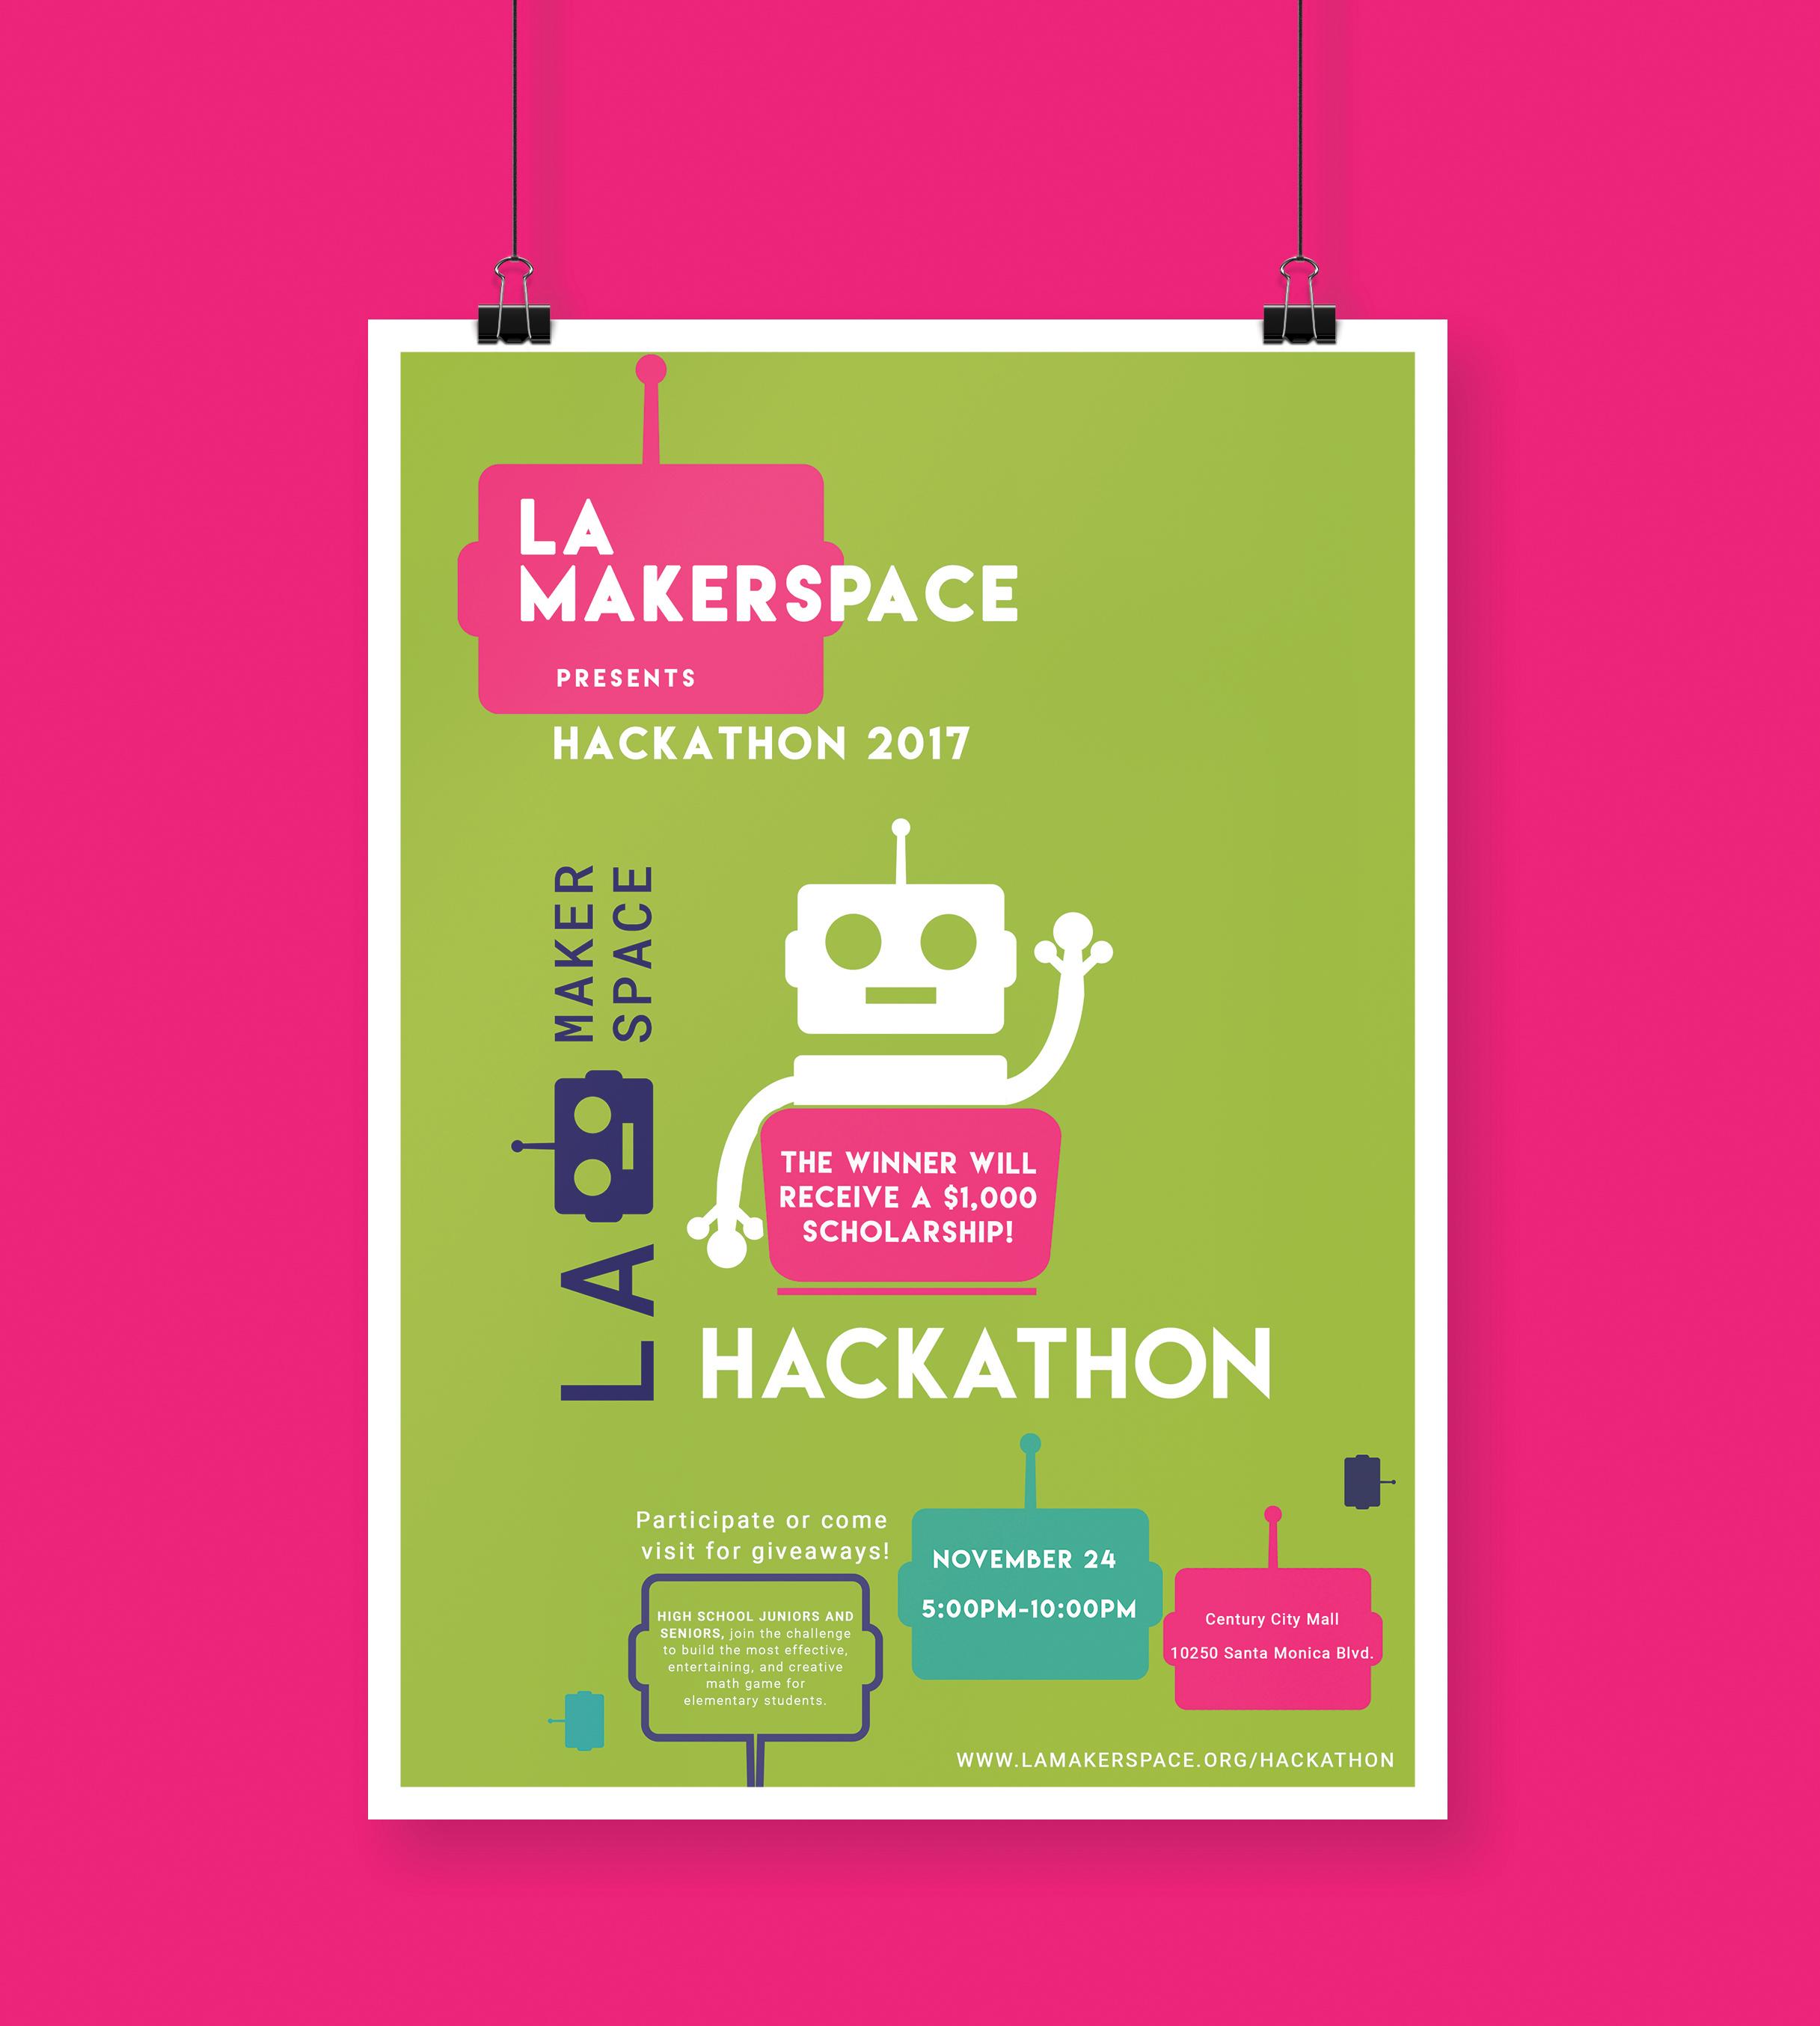 shadalene-la-makerspace-mockup-4-RGB.jpg